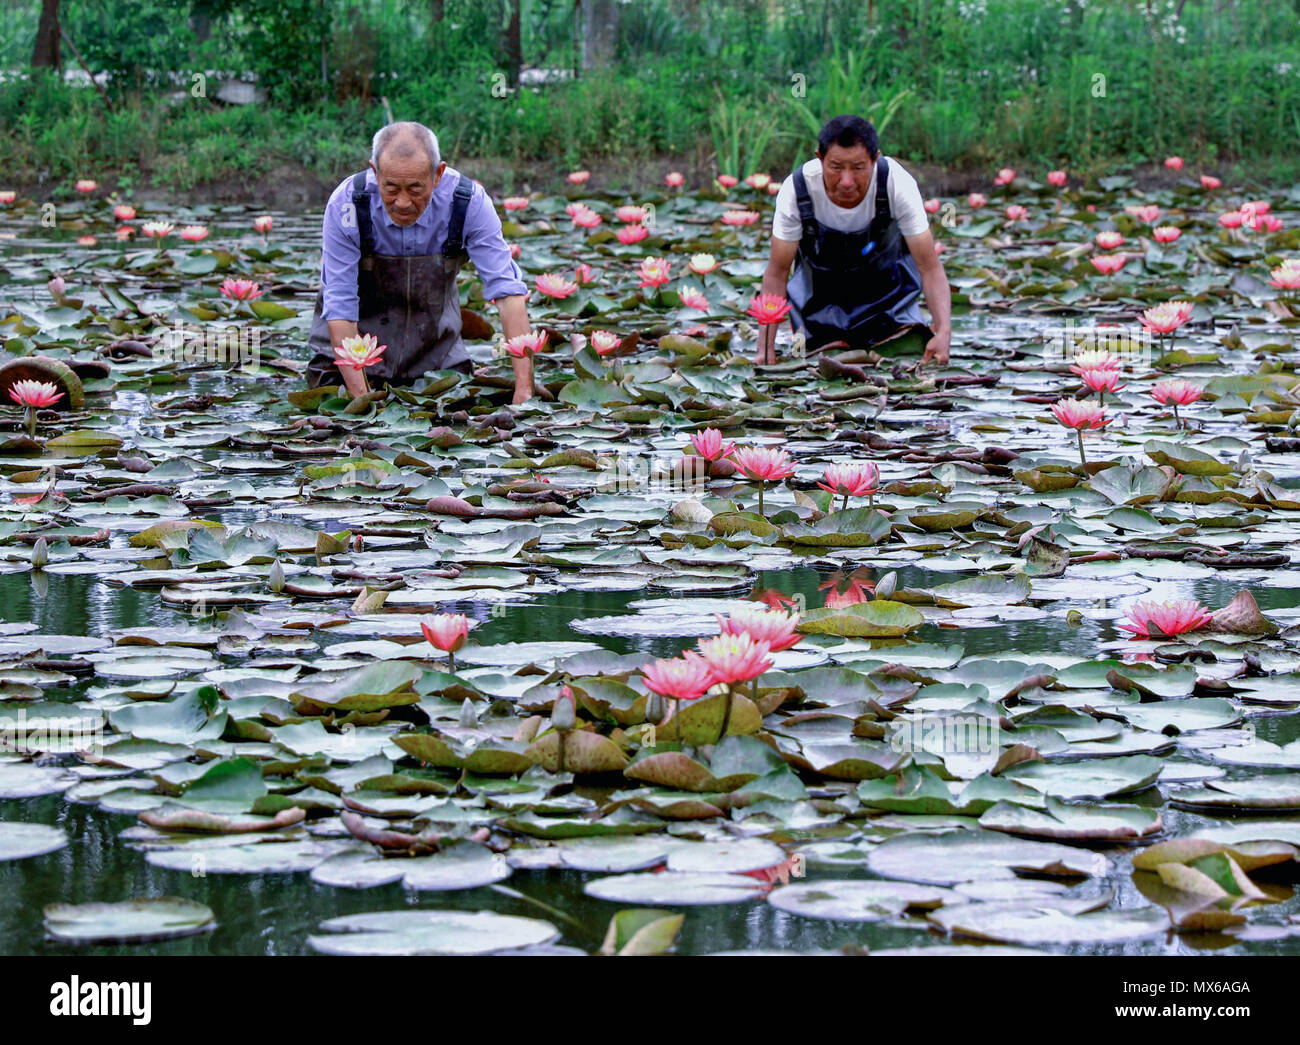 Changxing Chinas Zhejiang Province 3rd June 2018 Flower Growers